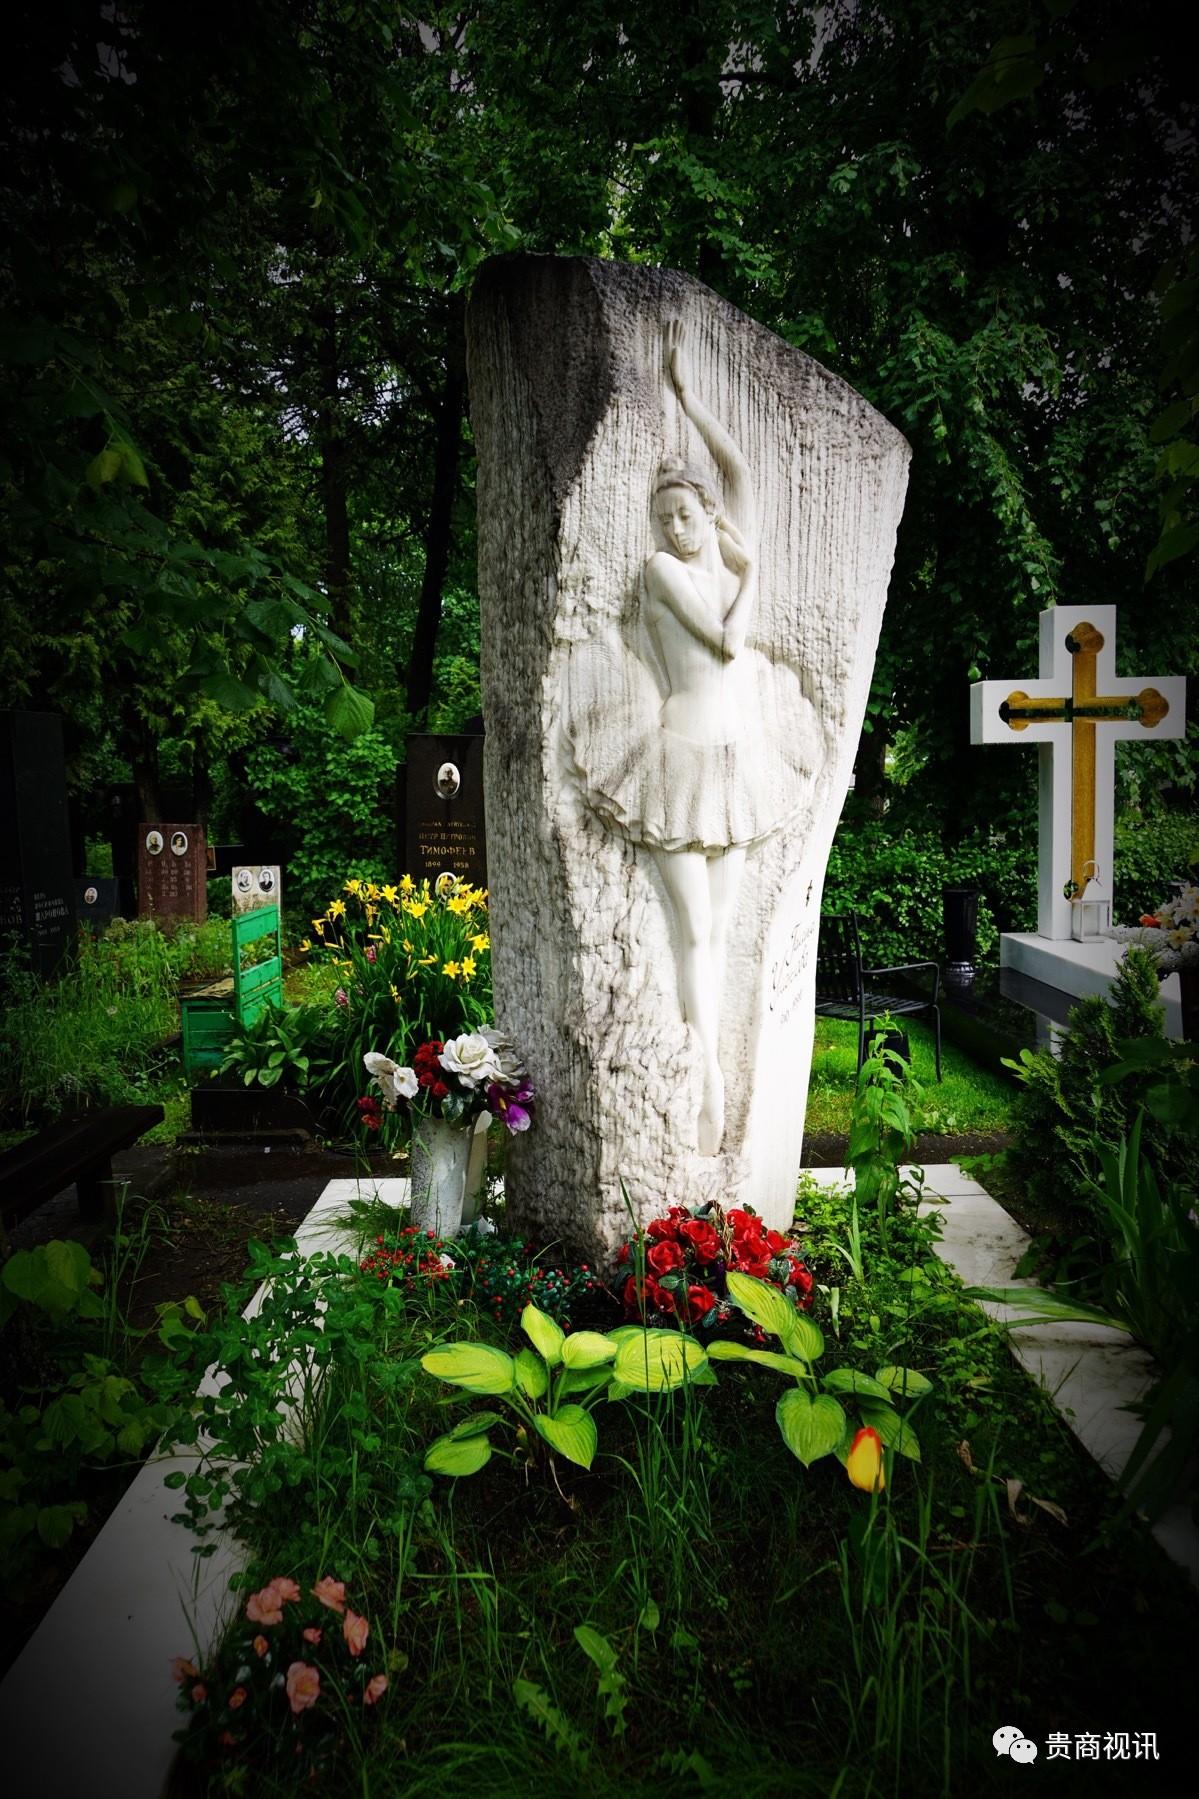 """苏联芭蕾女皇乌兰诺娃的墓碑,她在天堂也仍然是芭蕾舞女神  加琳娜•谢尔盖耶夫娜•乌兰诺娃(1910-1998),俄罗斯著名舞蹈家,被誉为""""永恒的白天鹅"""",在芭蕾舞界享有很高的国际声誉,两次获得苏联社会主义劳动英雄称号,在上世纪50年代曾访问过中国。"""